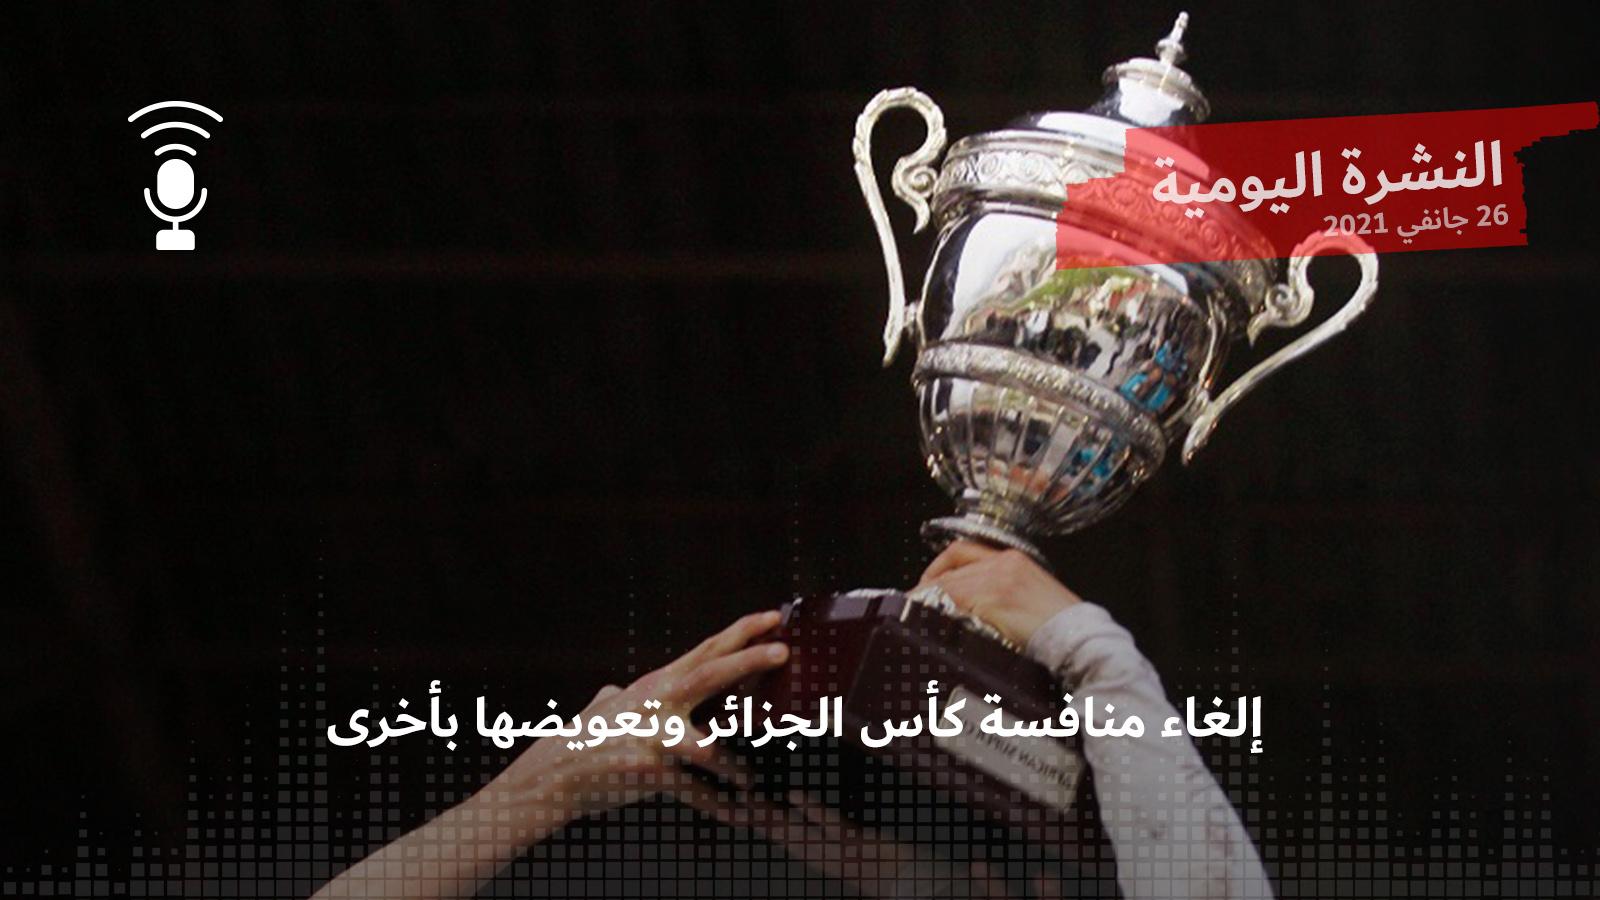 النشرة اليومية: إلغاء منافسة كأس الجزائر وتعويضها بأخرى